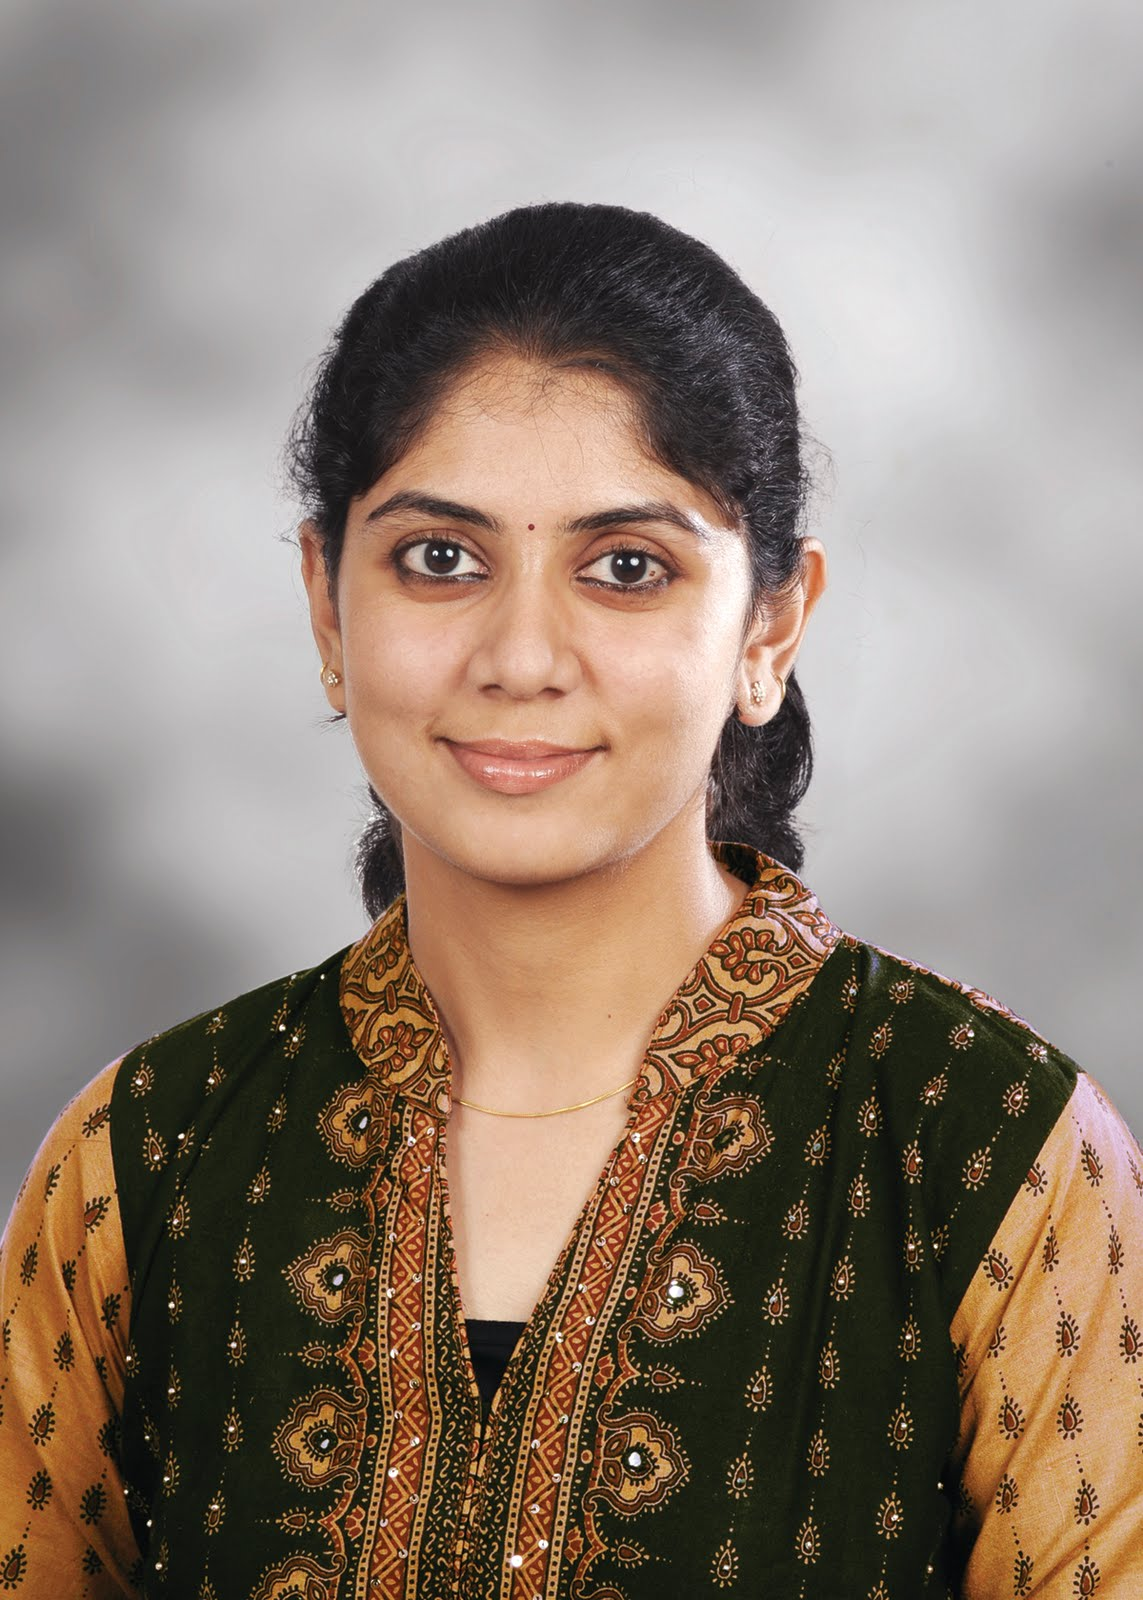 Actor karthi and wife Ranjani photos ~ FilmRitz - A ...  Actor Karthi Daughter Umayaal Photos